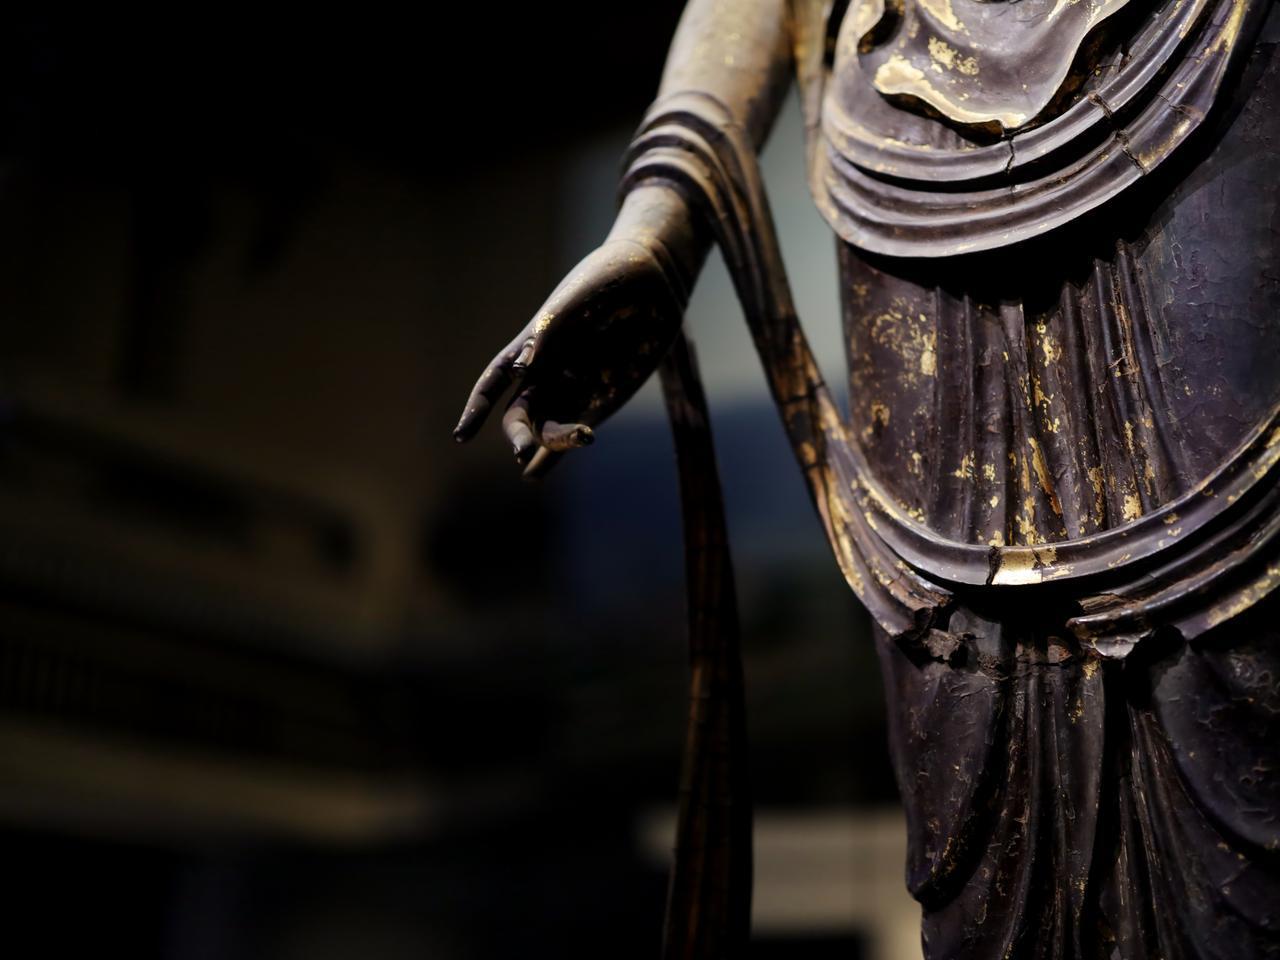 画像: 国宝 十一面観音菩薩立像 (部分・右手、天衣)奈良時代・8世紀 奈良・聖林寺蔵